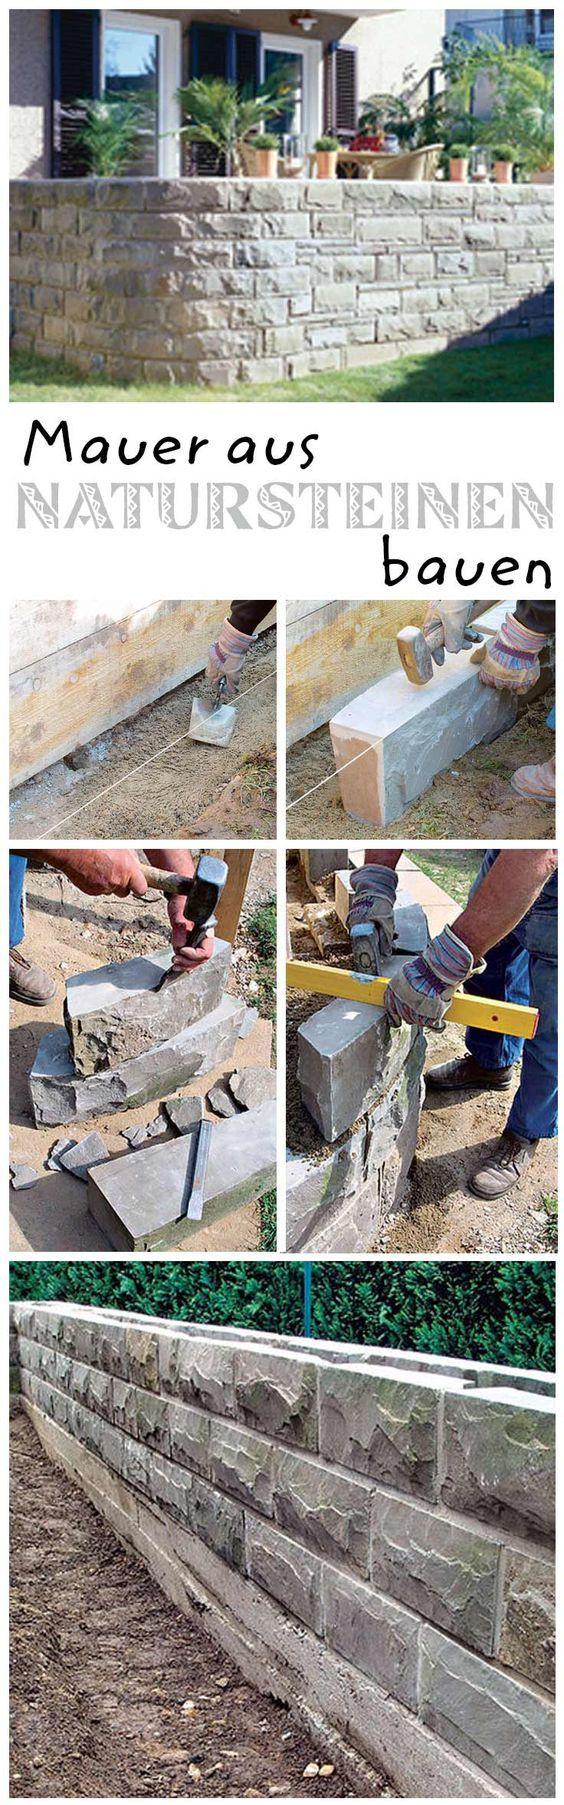 Eine Mauer für den Garten, als Umzäunung deiner Terrasse oder einfach zu Deko kannst du selbst bauen. Wir zeigen Schritt für Schritt, wie es geht. Vom Fundament bis zum Fugen.